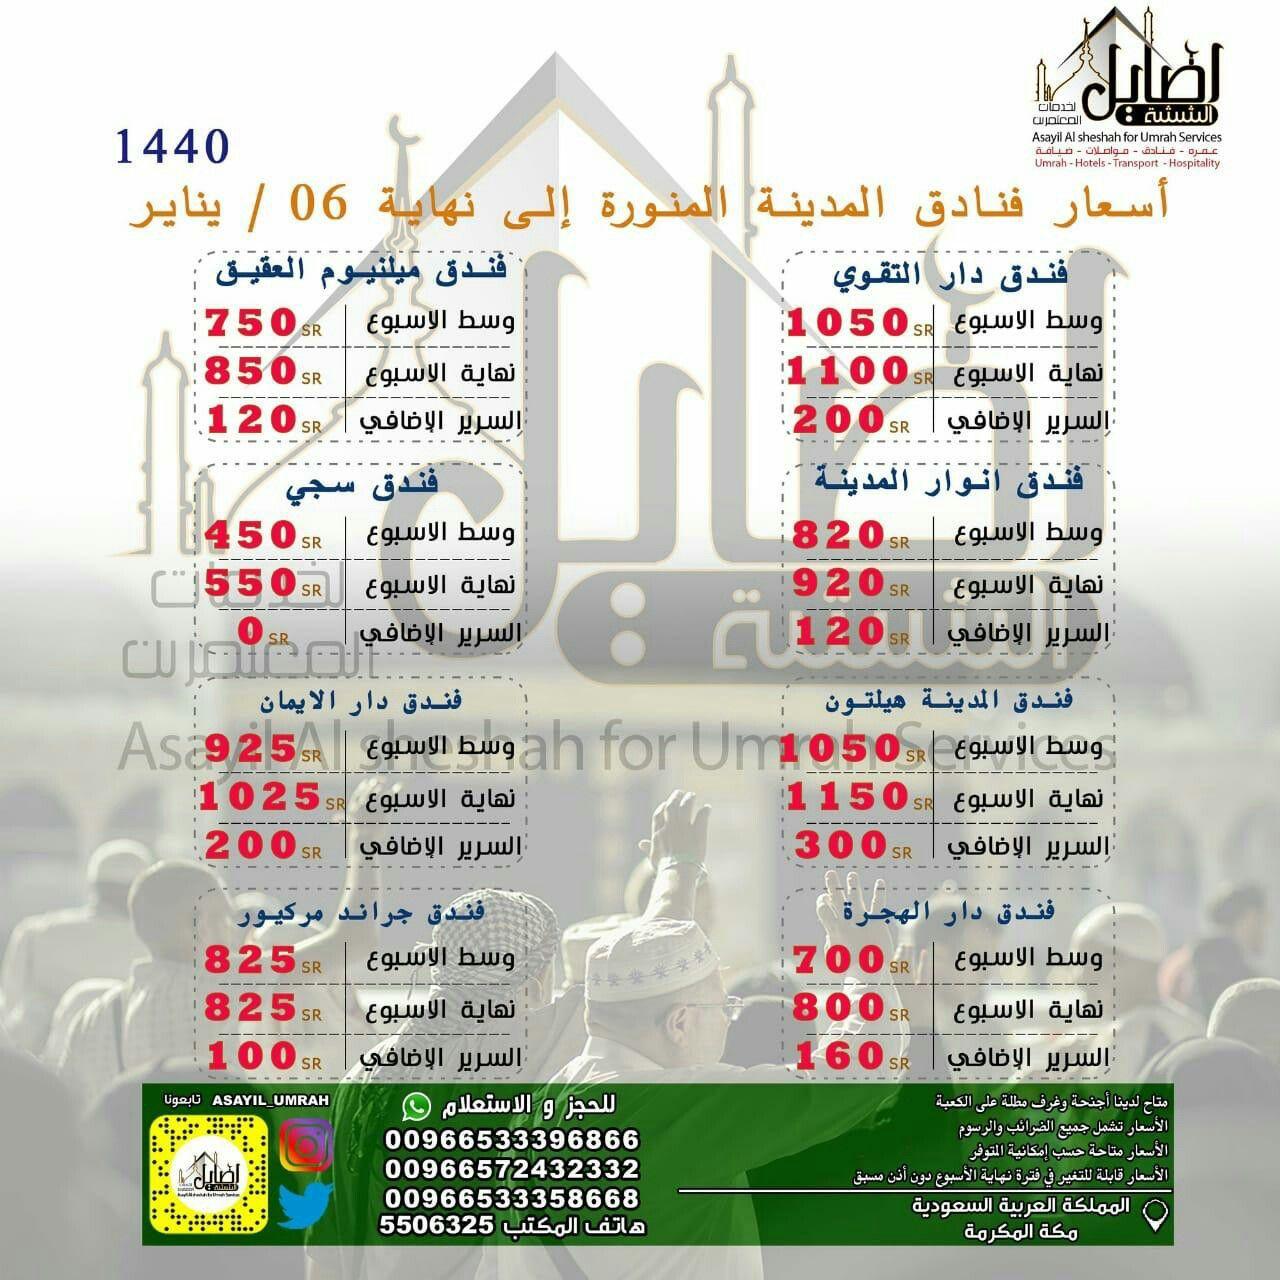 اصايل الششه لعروض الفنادق حجز فنادق مكة افضل الاسعار حجوزات فنادق بمكه التواصل عبر ارقامنا 00966533396866 00966125506325 خدمات حج Map Alai Map Screenshot